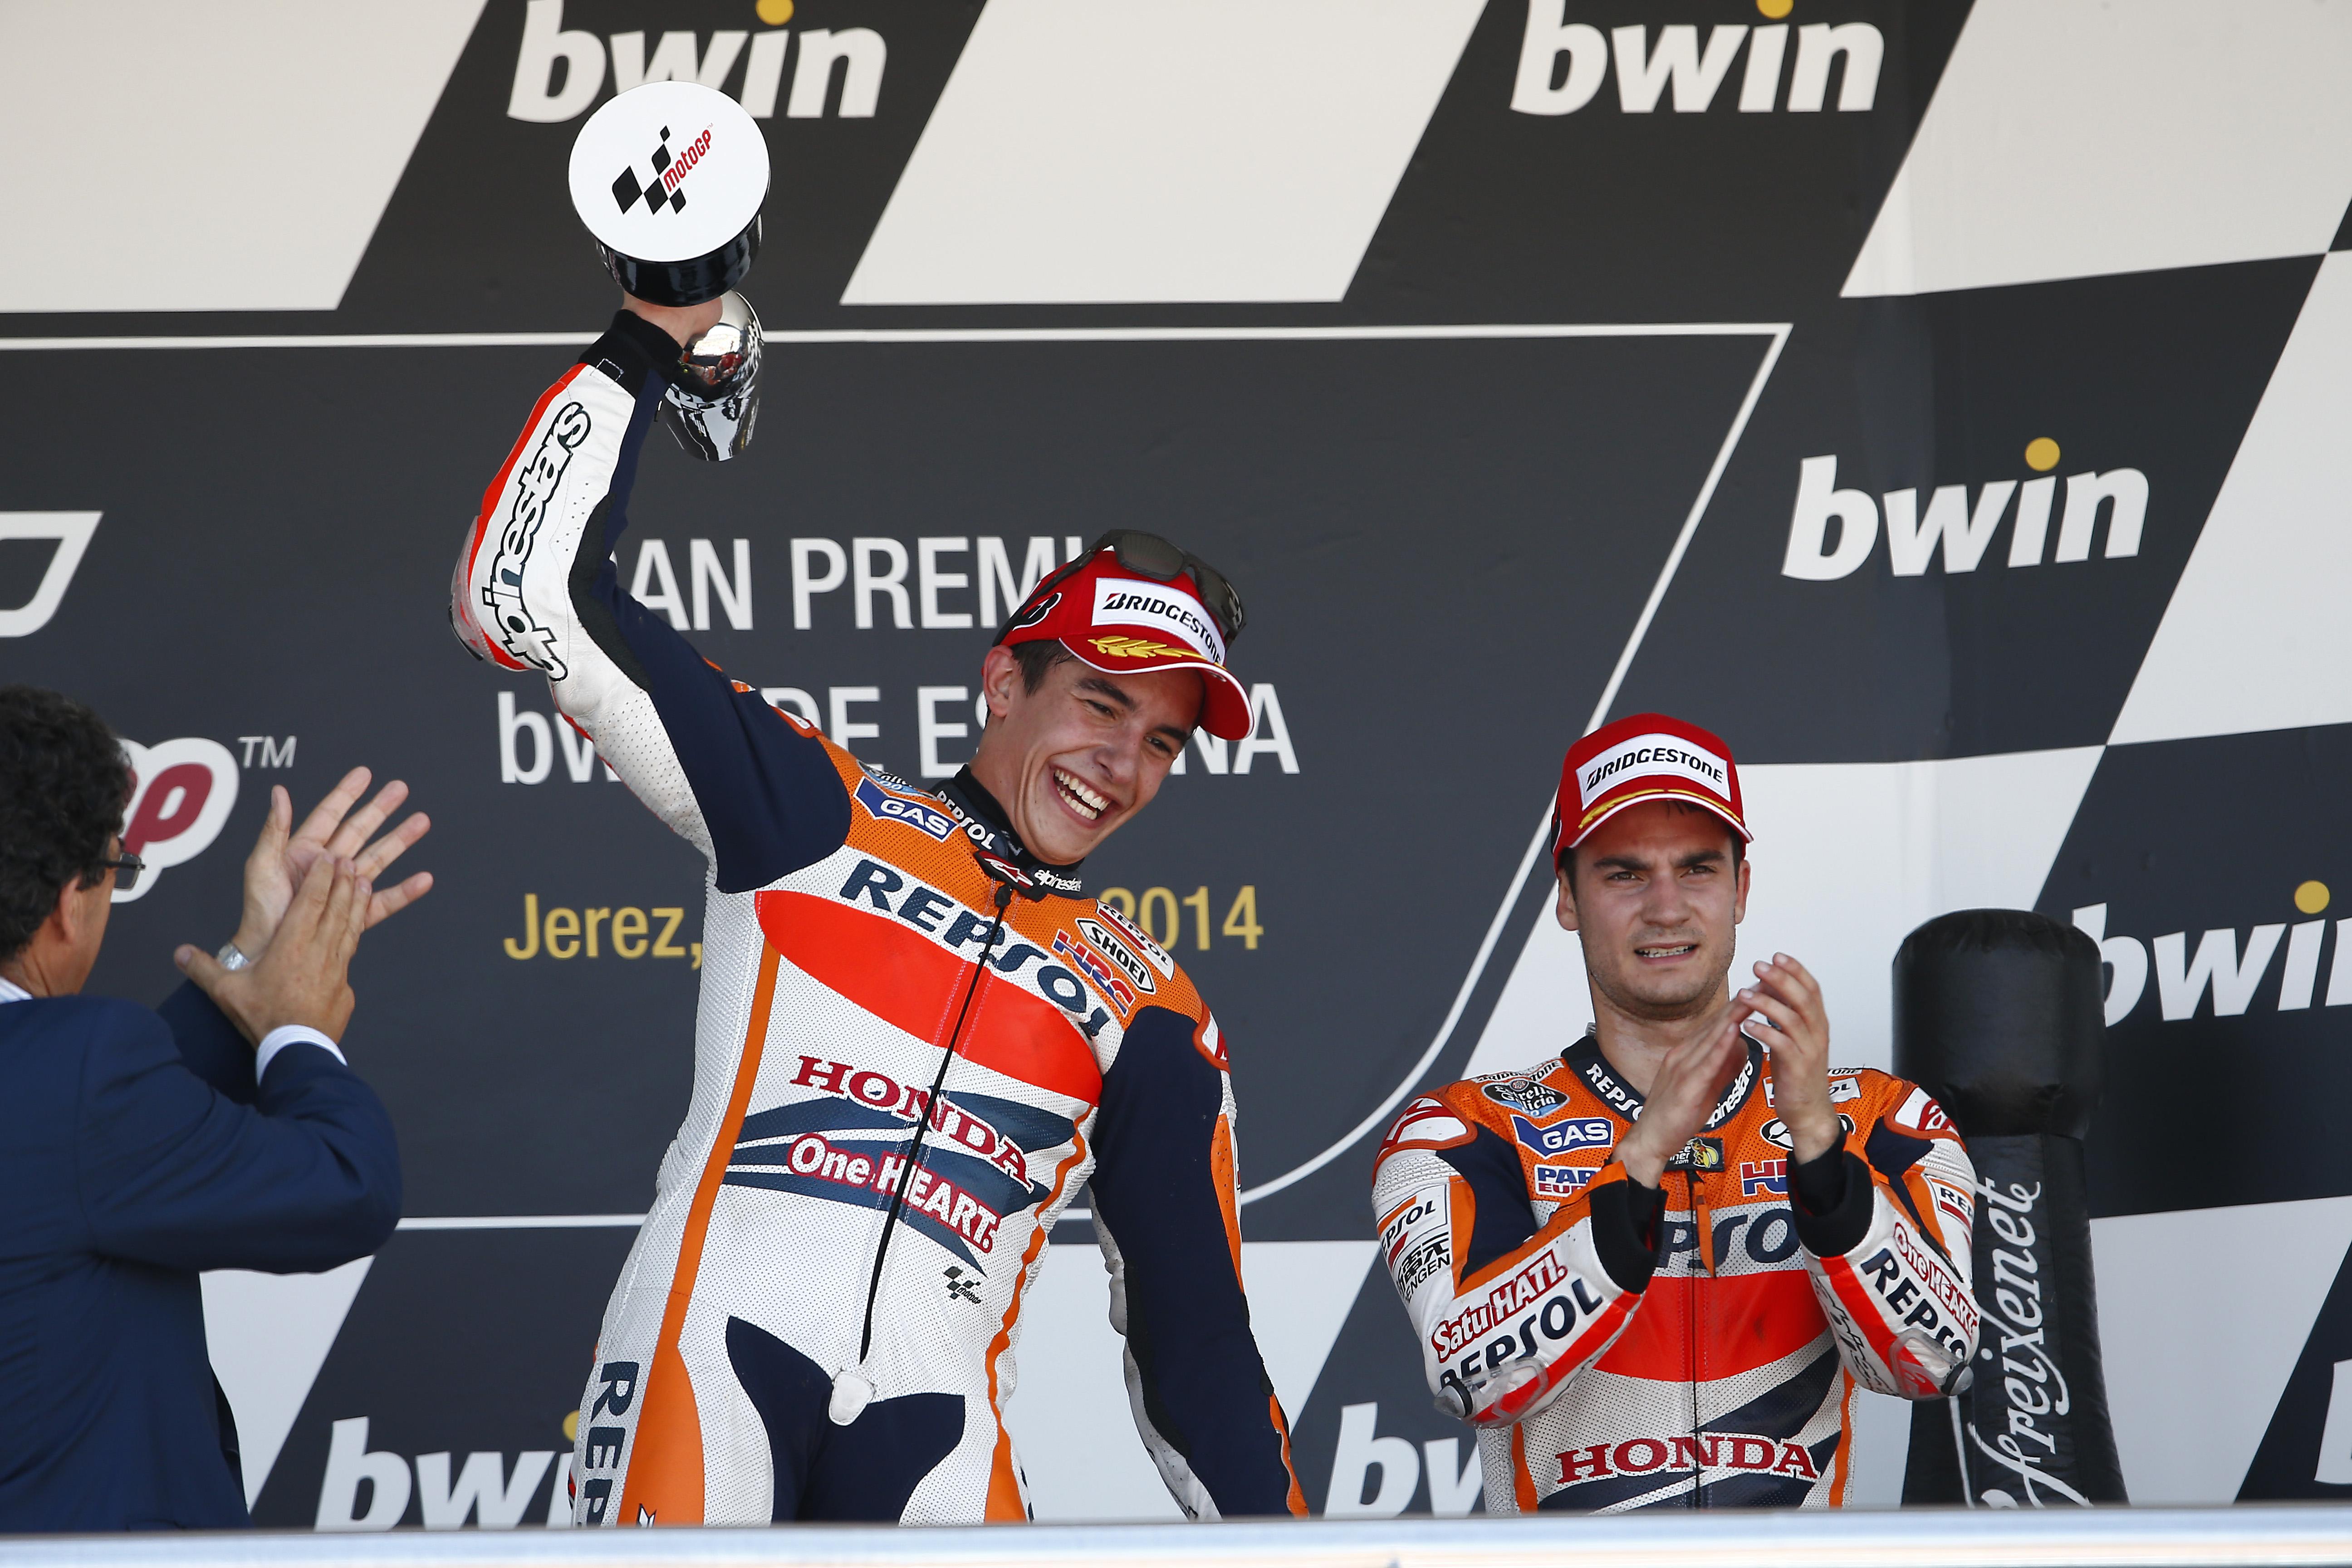 Marc Márquez y Dani Pedrosa en el podio en Jerez